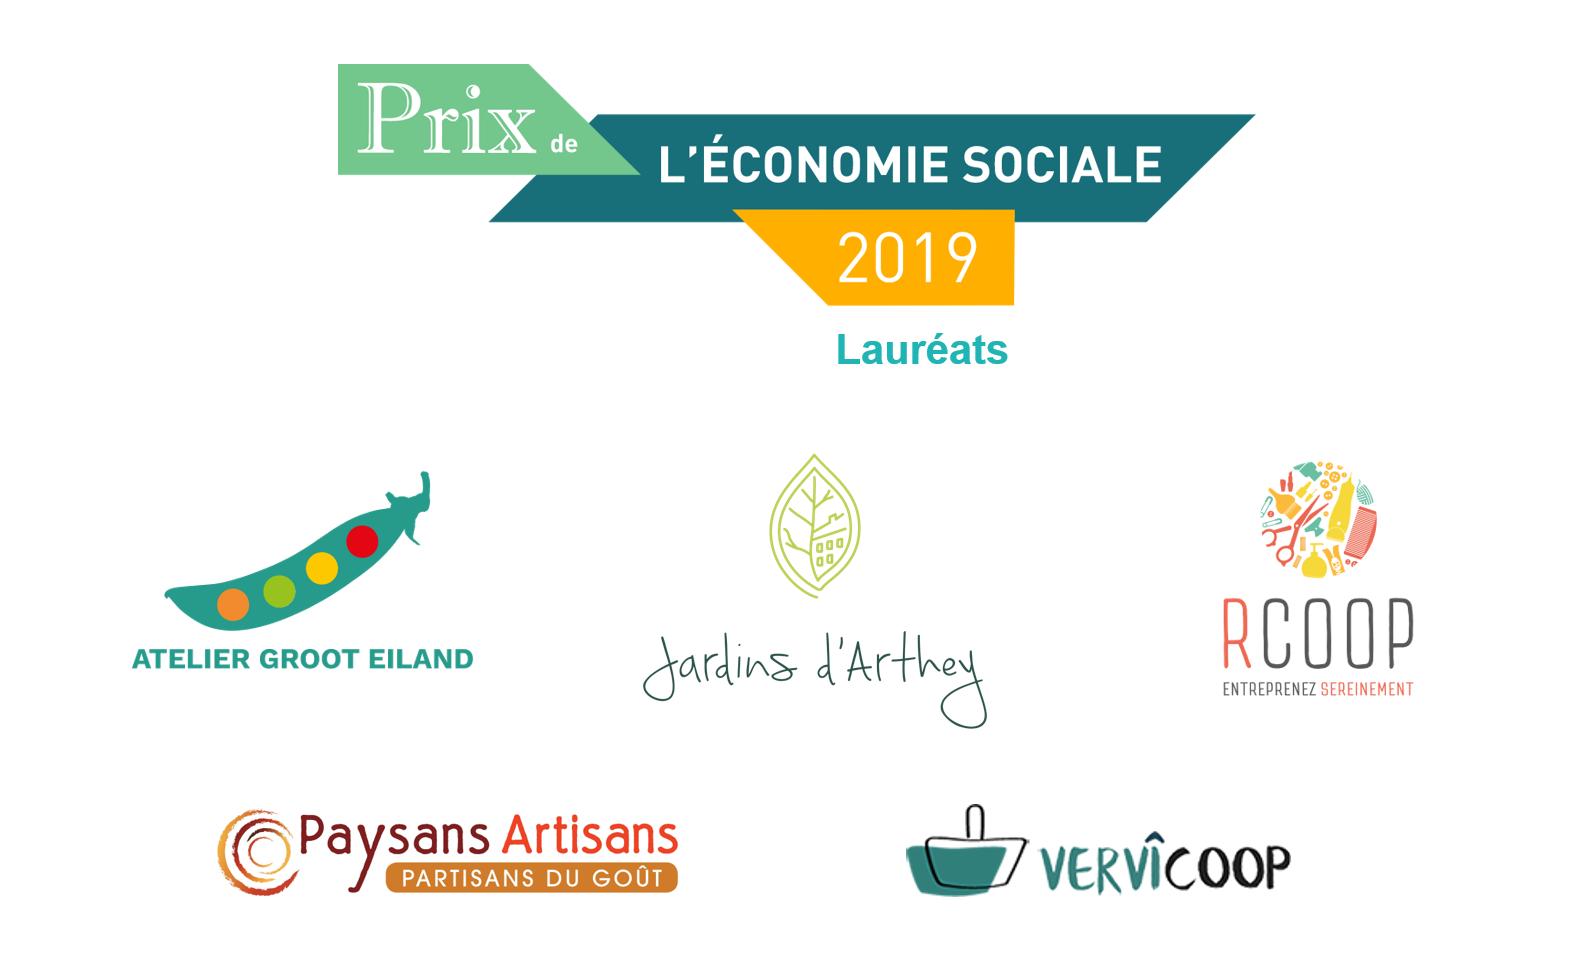 Prix de l'économie sociale 2019